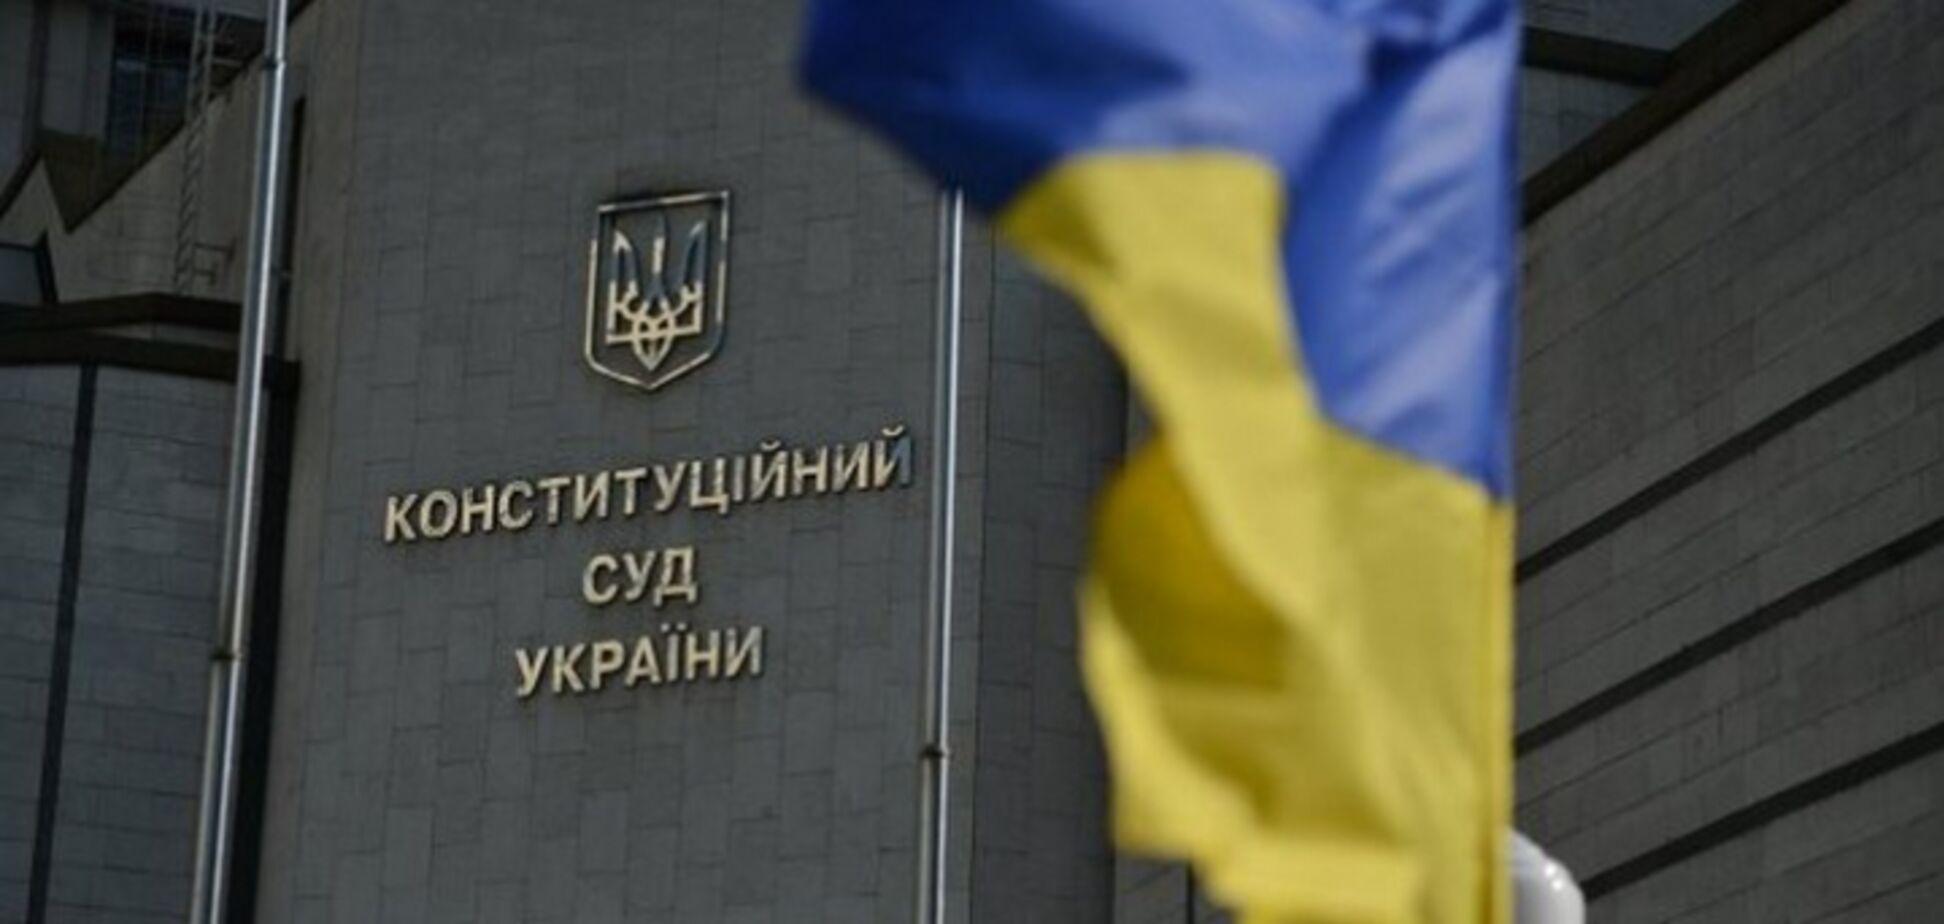 Конституционный суд Украины: новые возможности